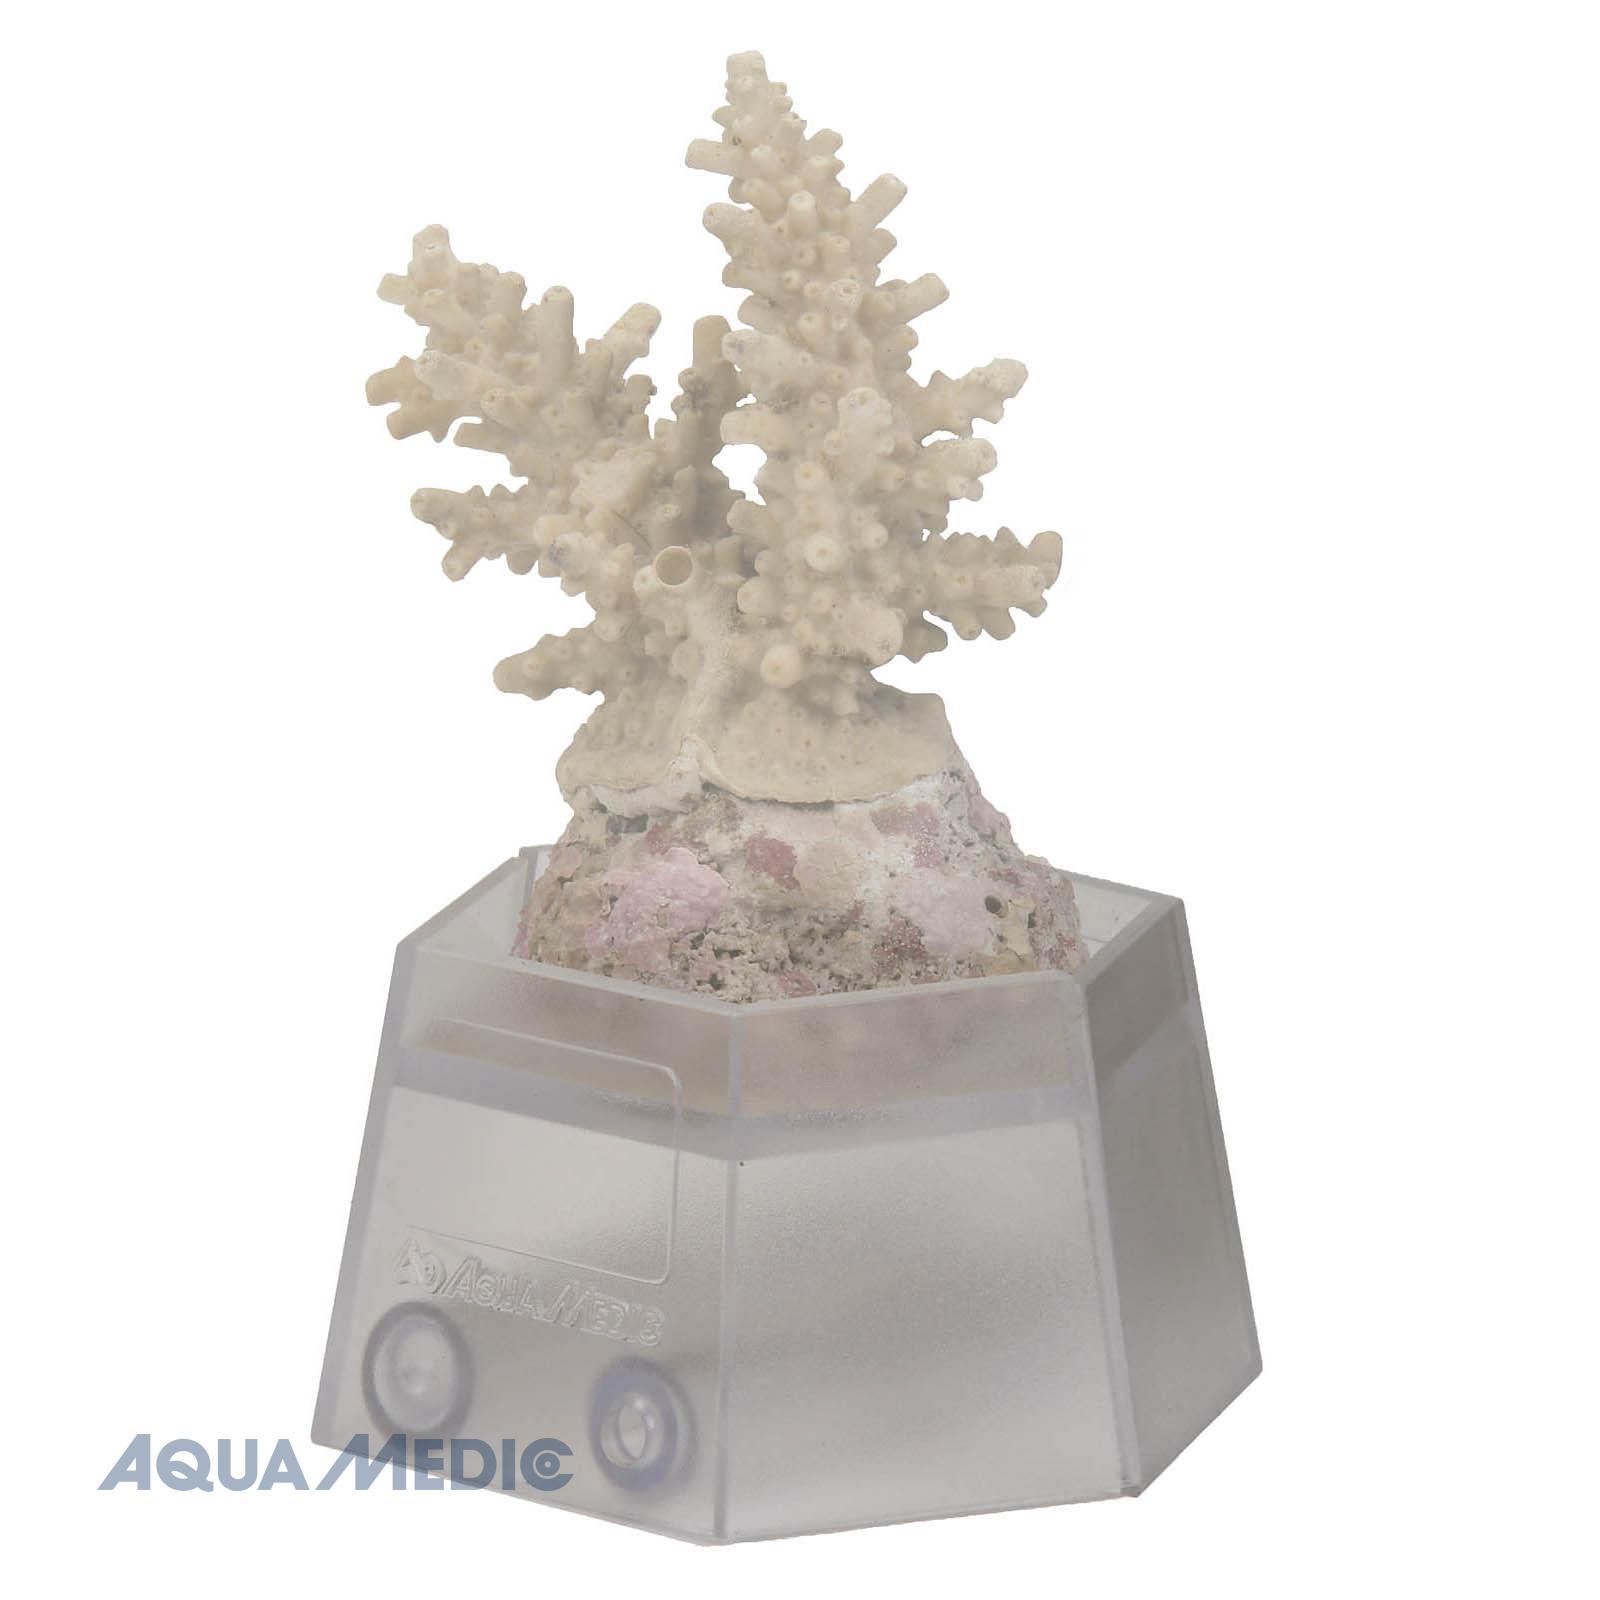 Aquamedic Coral Holder